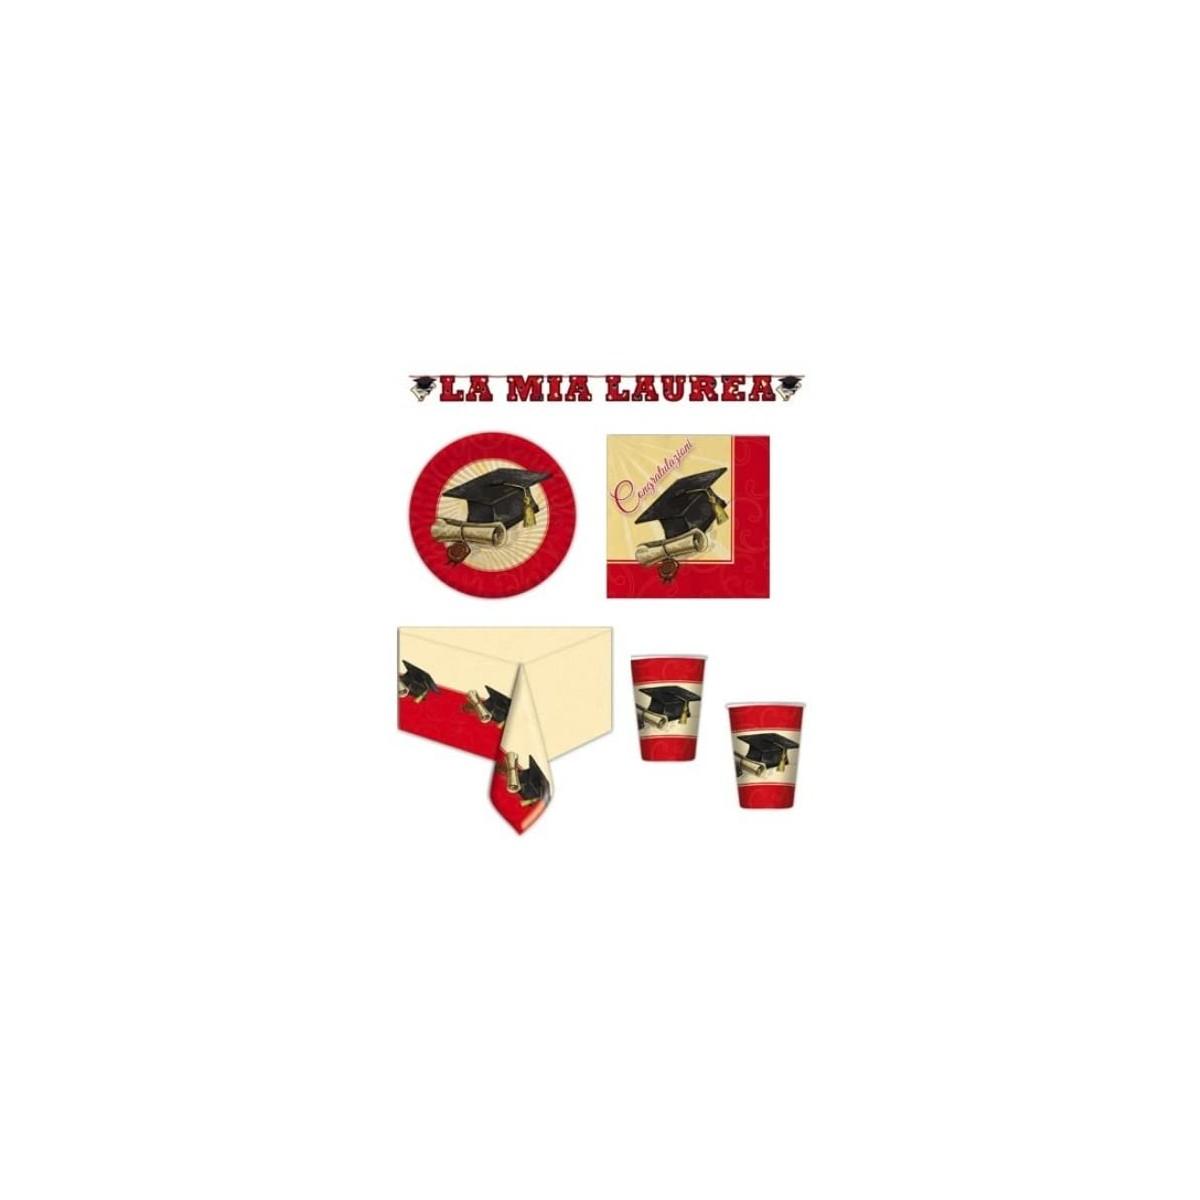 Kit per 50 persone festa Laurea, coordinato completo